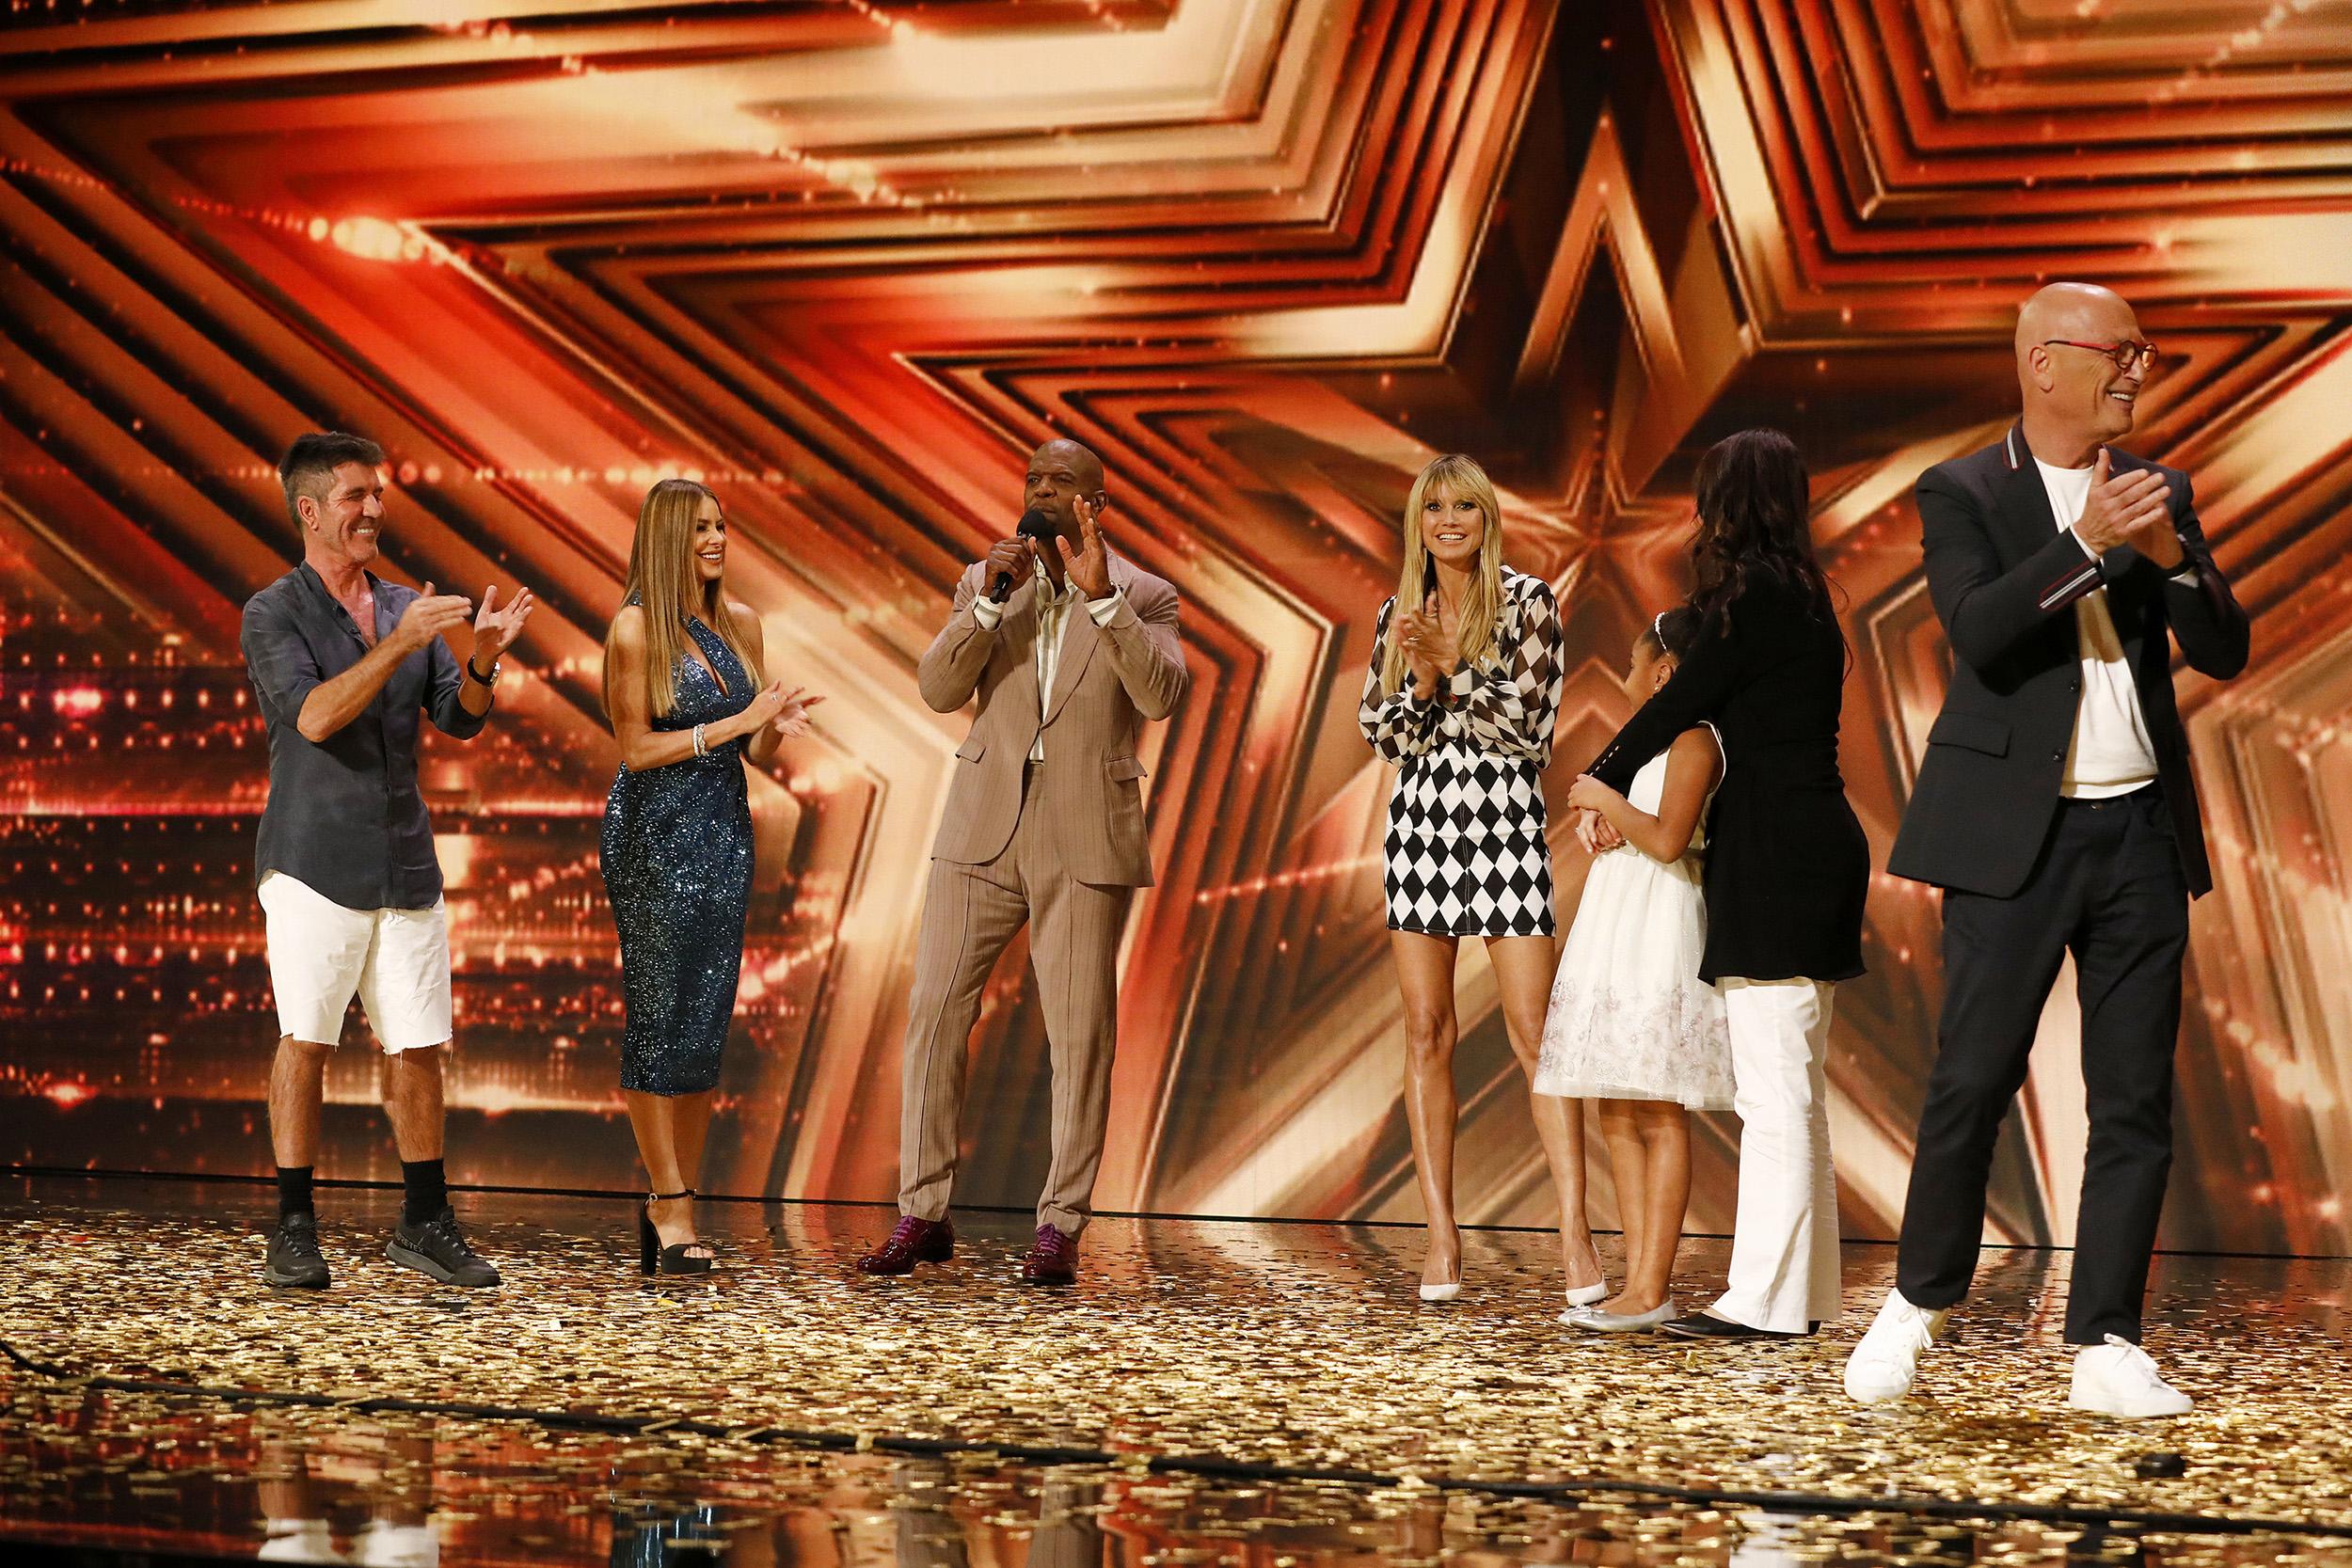 4 giám khảo cùng đứng lên ấn nút chọn cô bé.